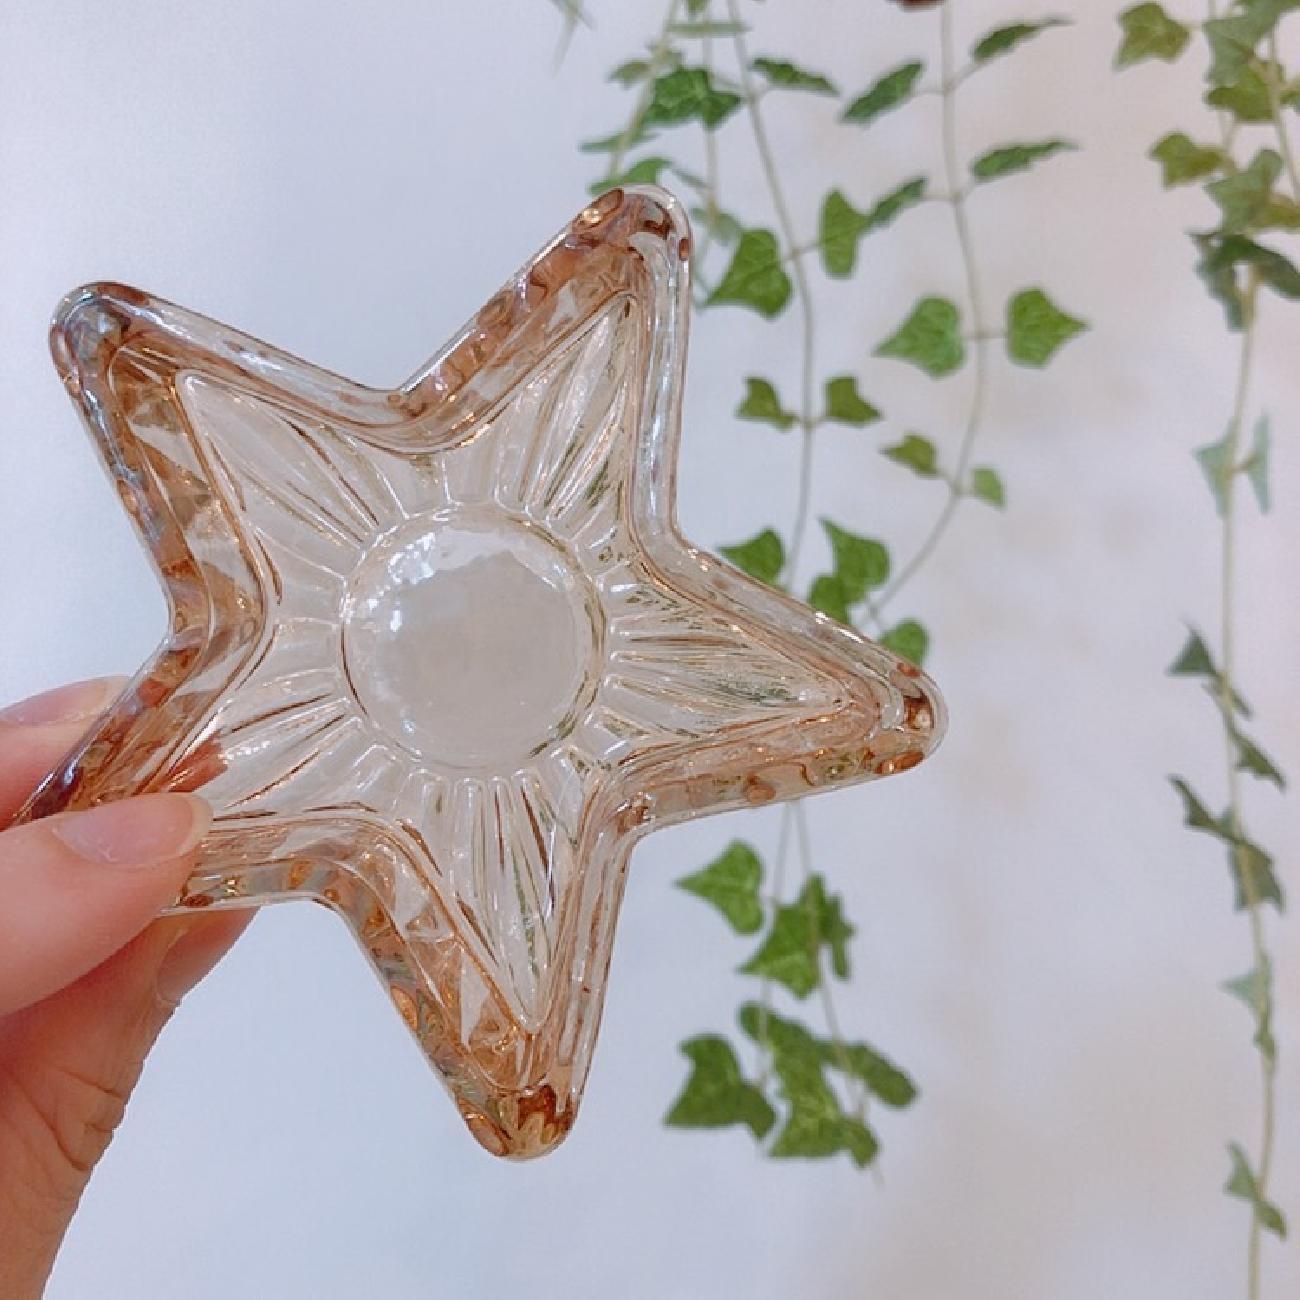 ガラスミニトレー/星型/アクセサリー入れ/キャンドルホルダー/可愛いインテリア